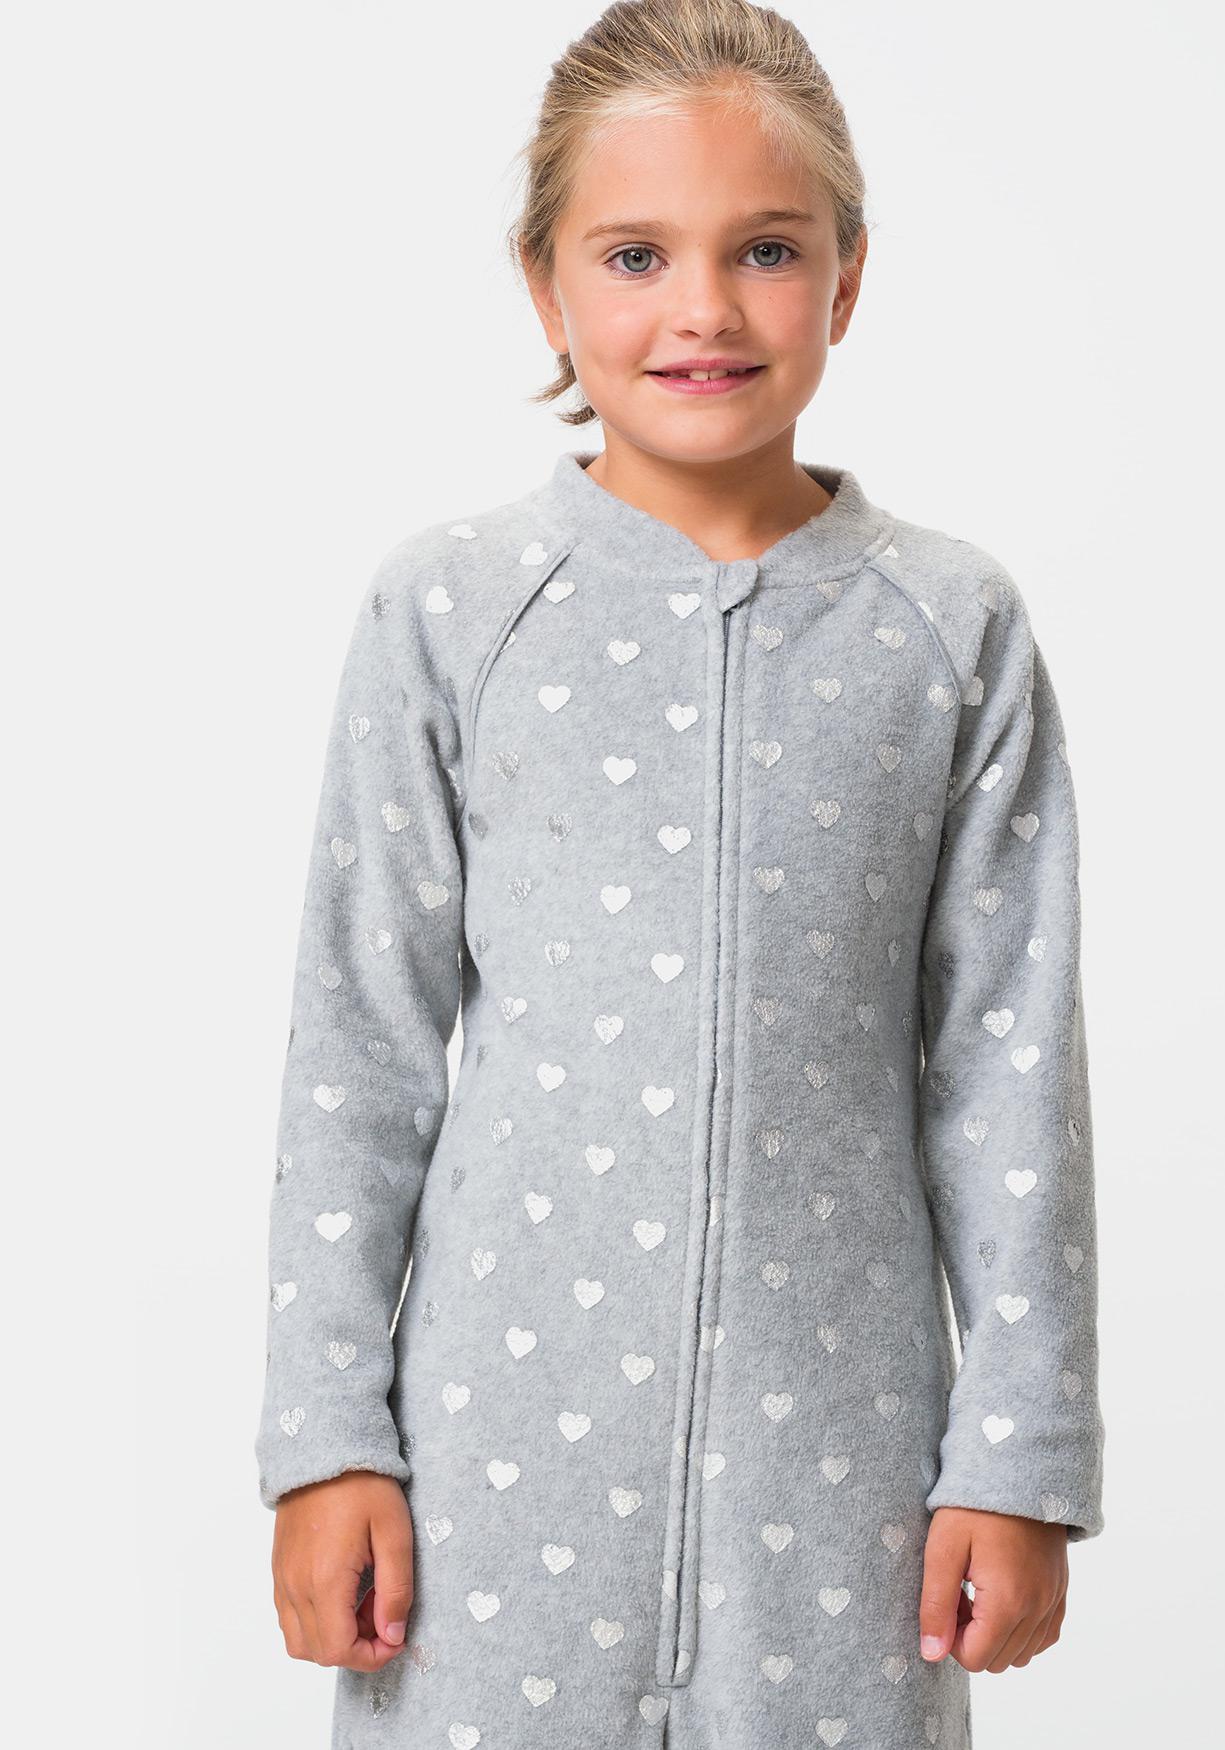 756d9fbe2 Comprar Pijama manta micro polar TEX. ¡Aprovéchate de nuestros ...